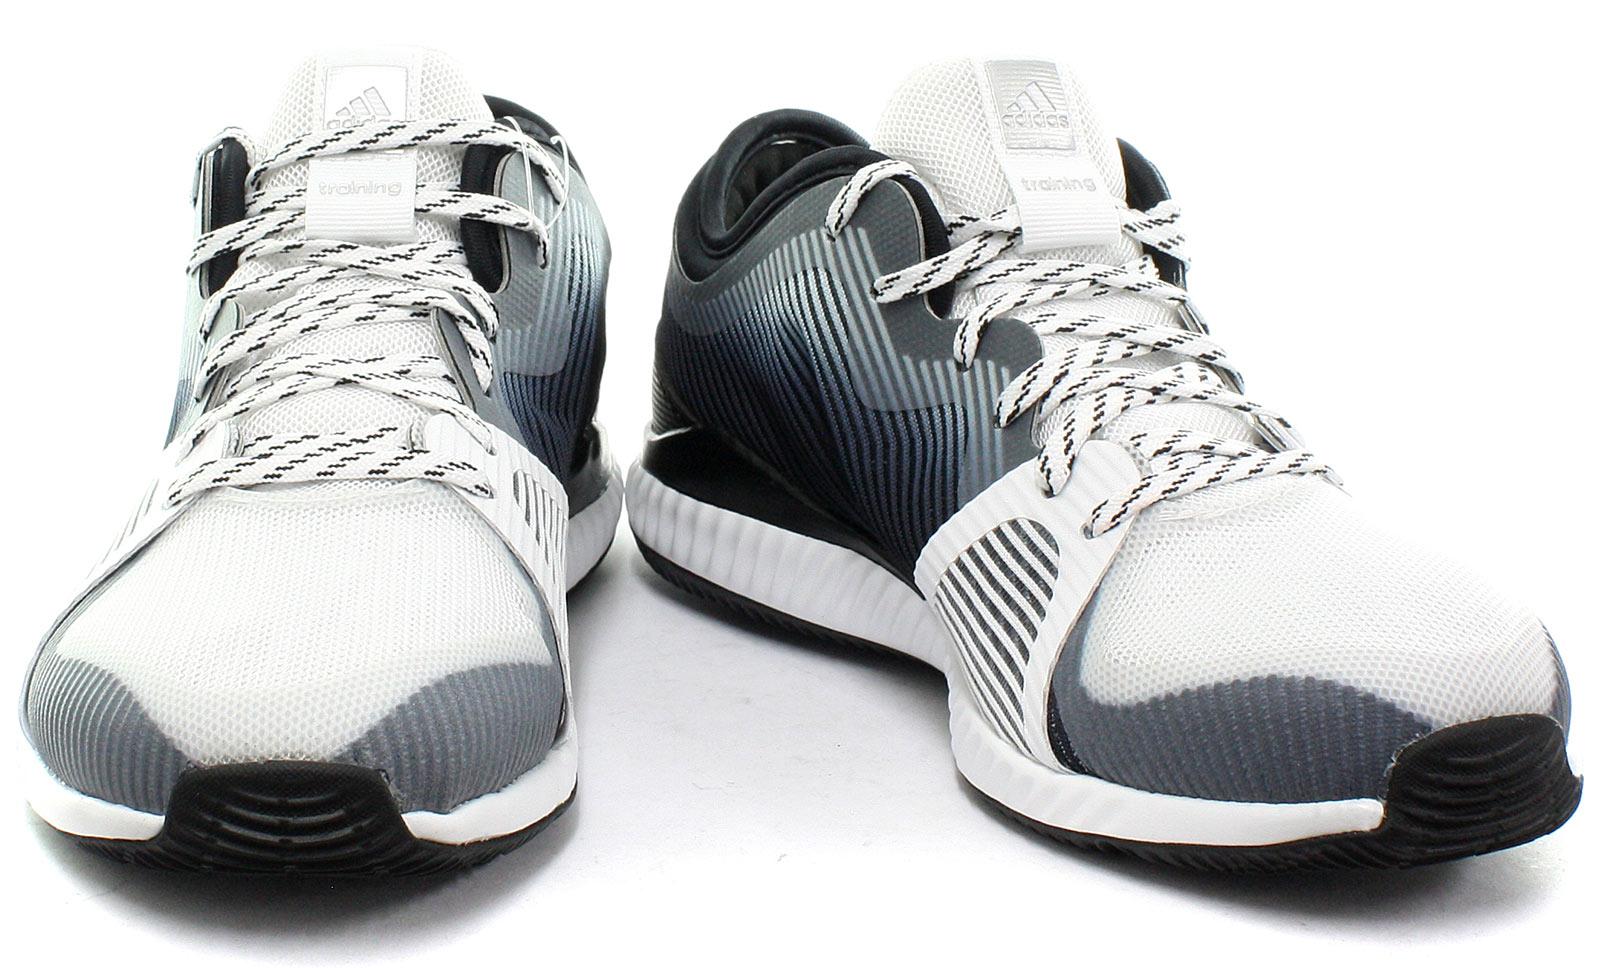 Bounce Entraînement Toutes Neuf Tailles Les Femmes Chaussures Adidas Crazymove q1w6Ugf